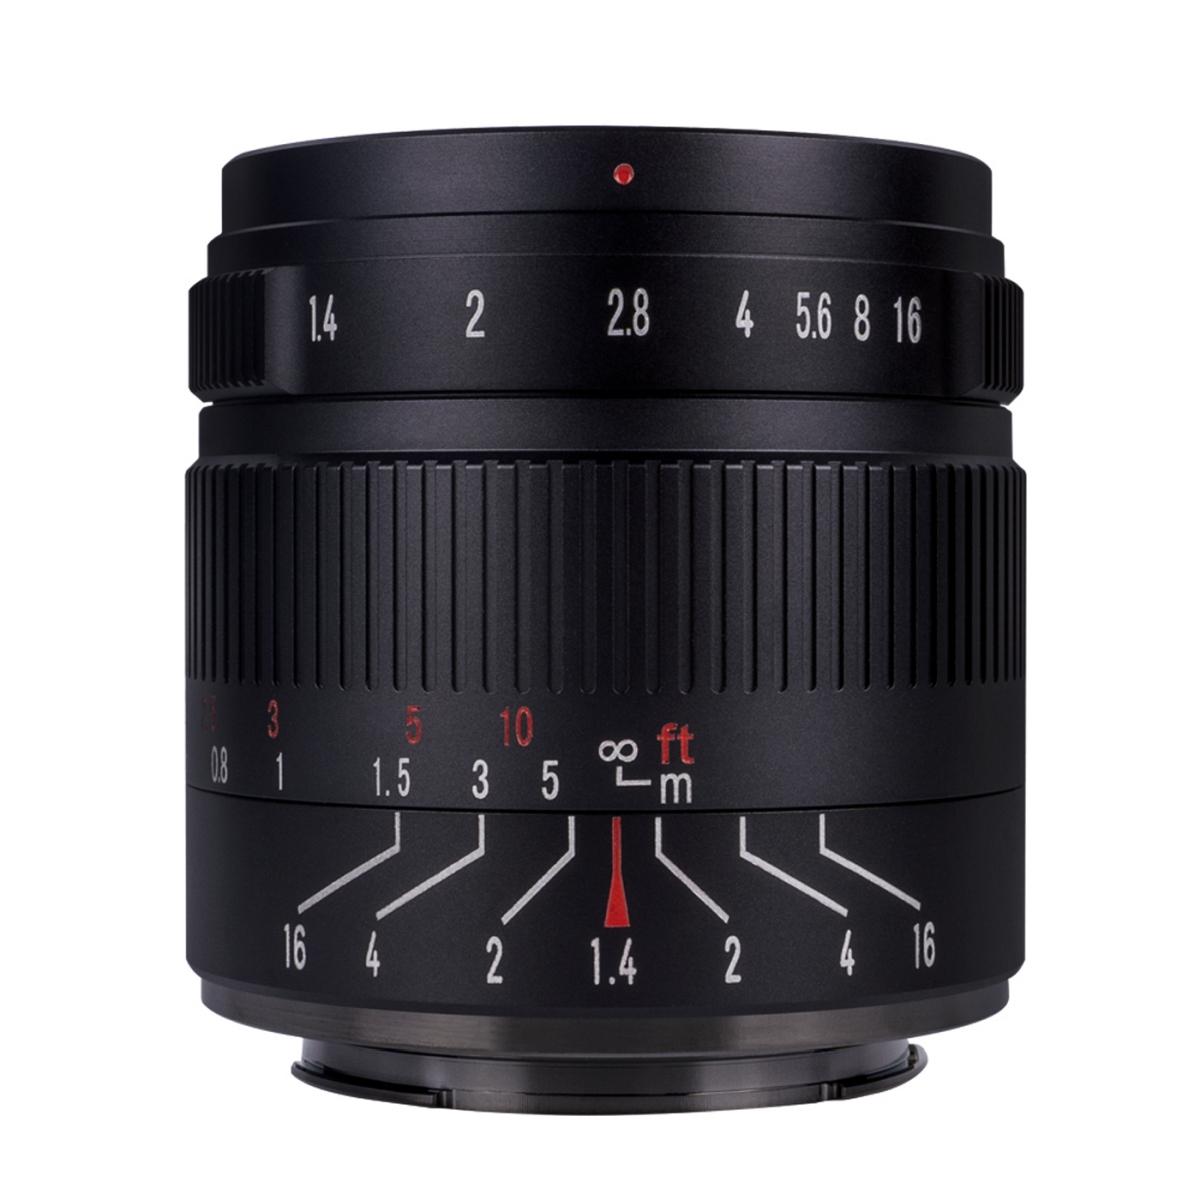 7Artisans 55 mm 1:1,4 II für Canon EF-M